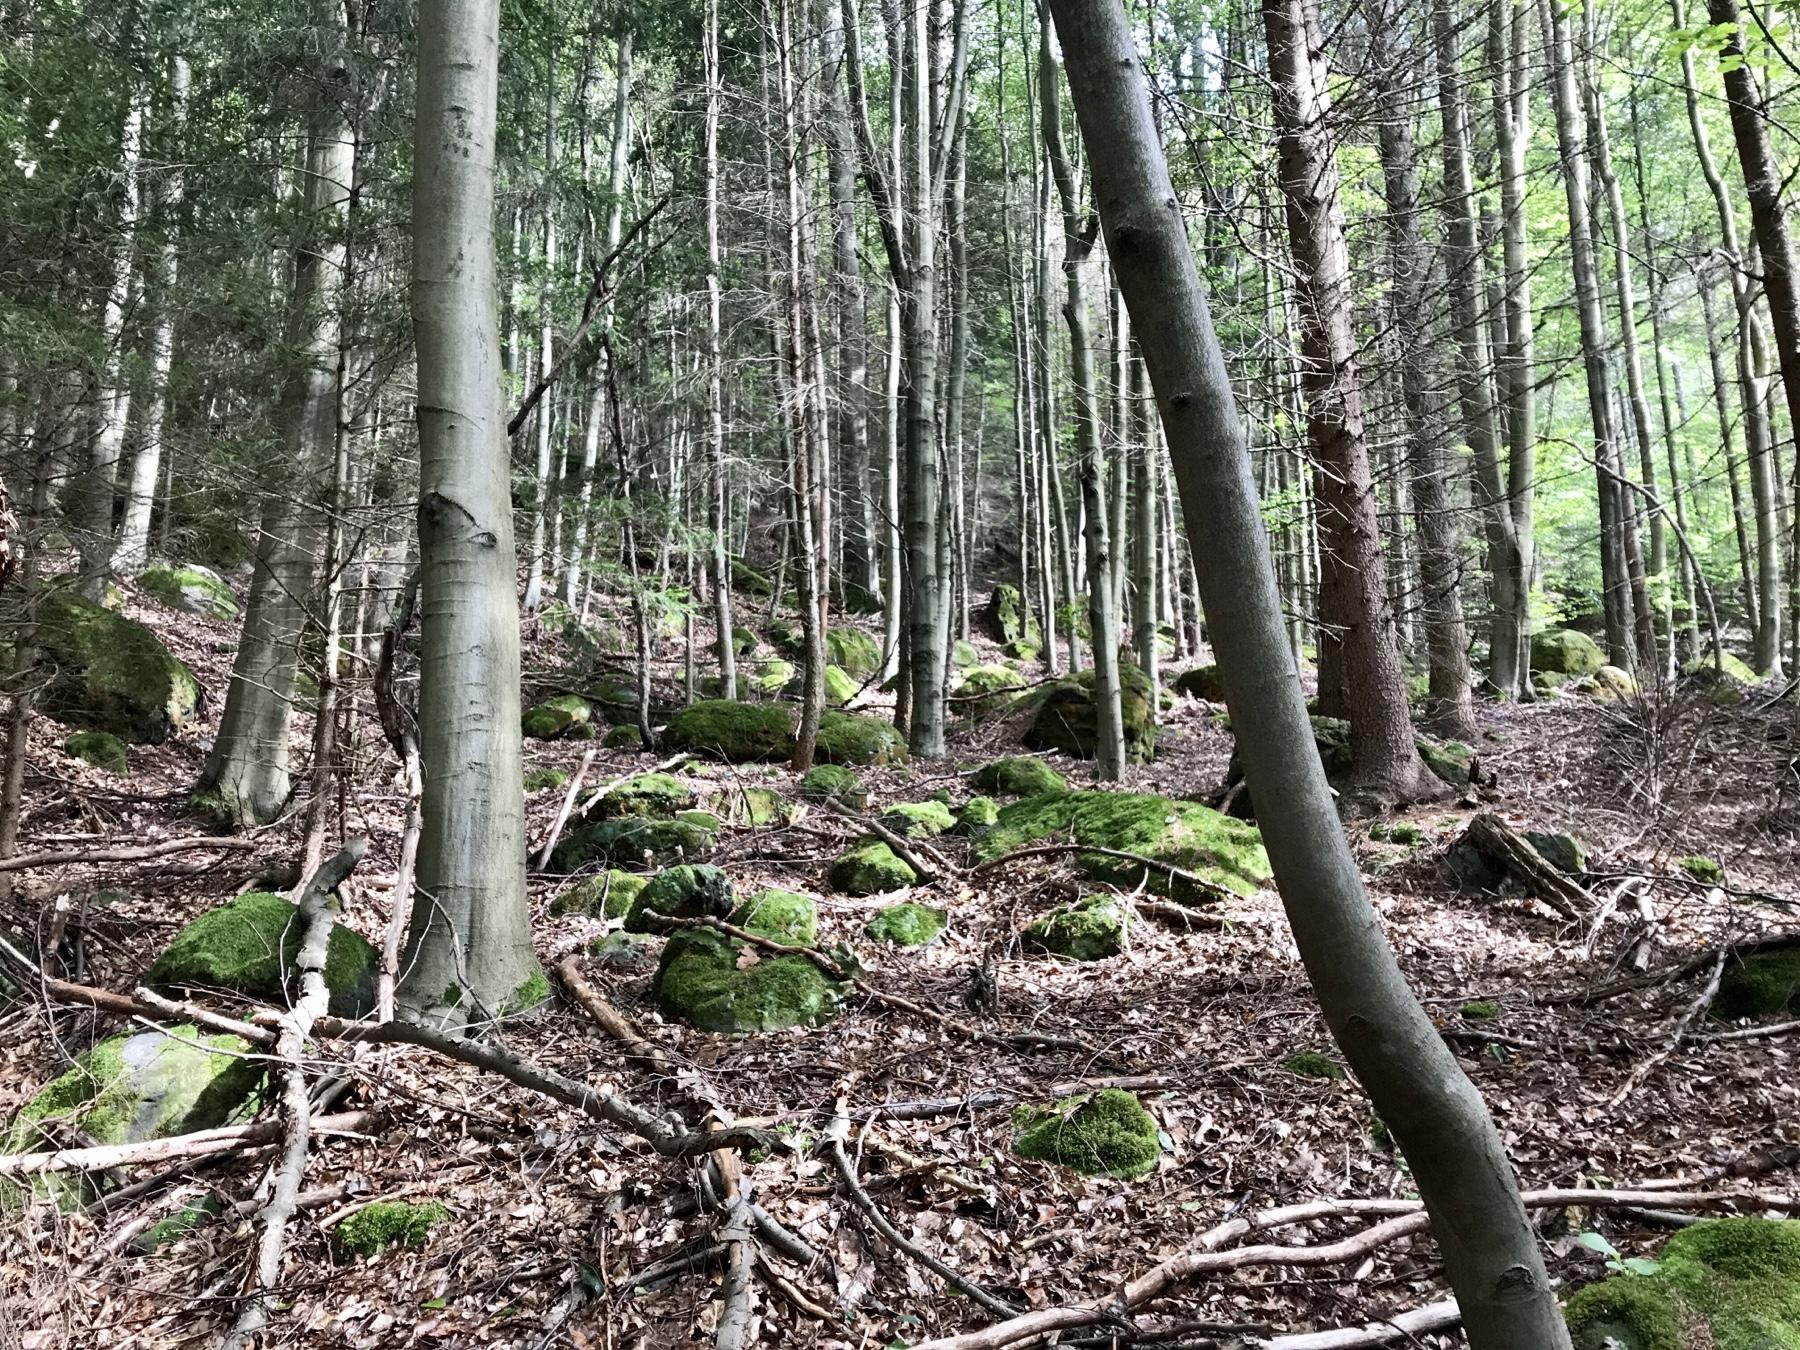 Naturbelassener Wald Malerweg Etappe 5 Neumannmühle Schmilka